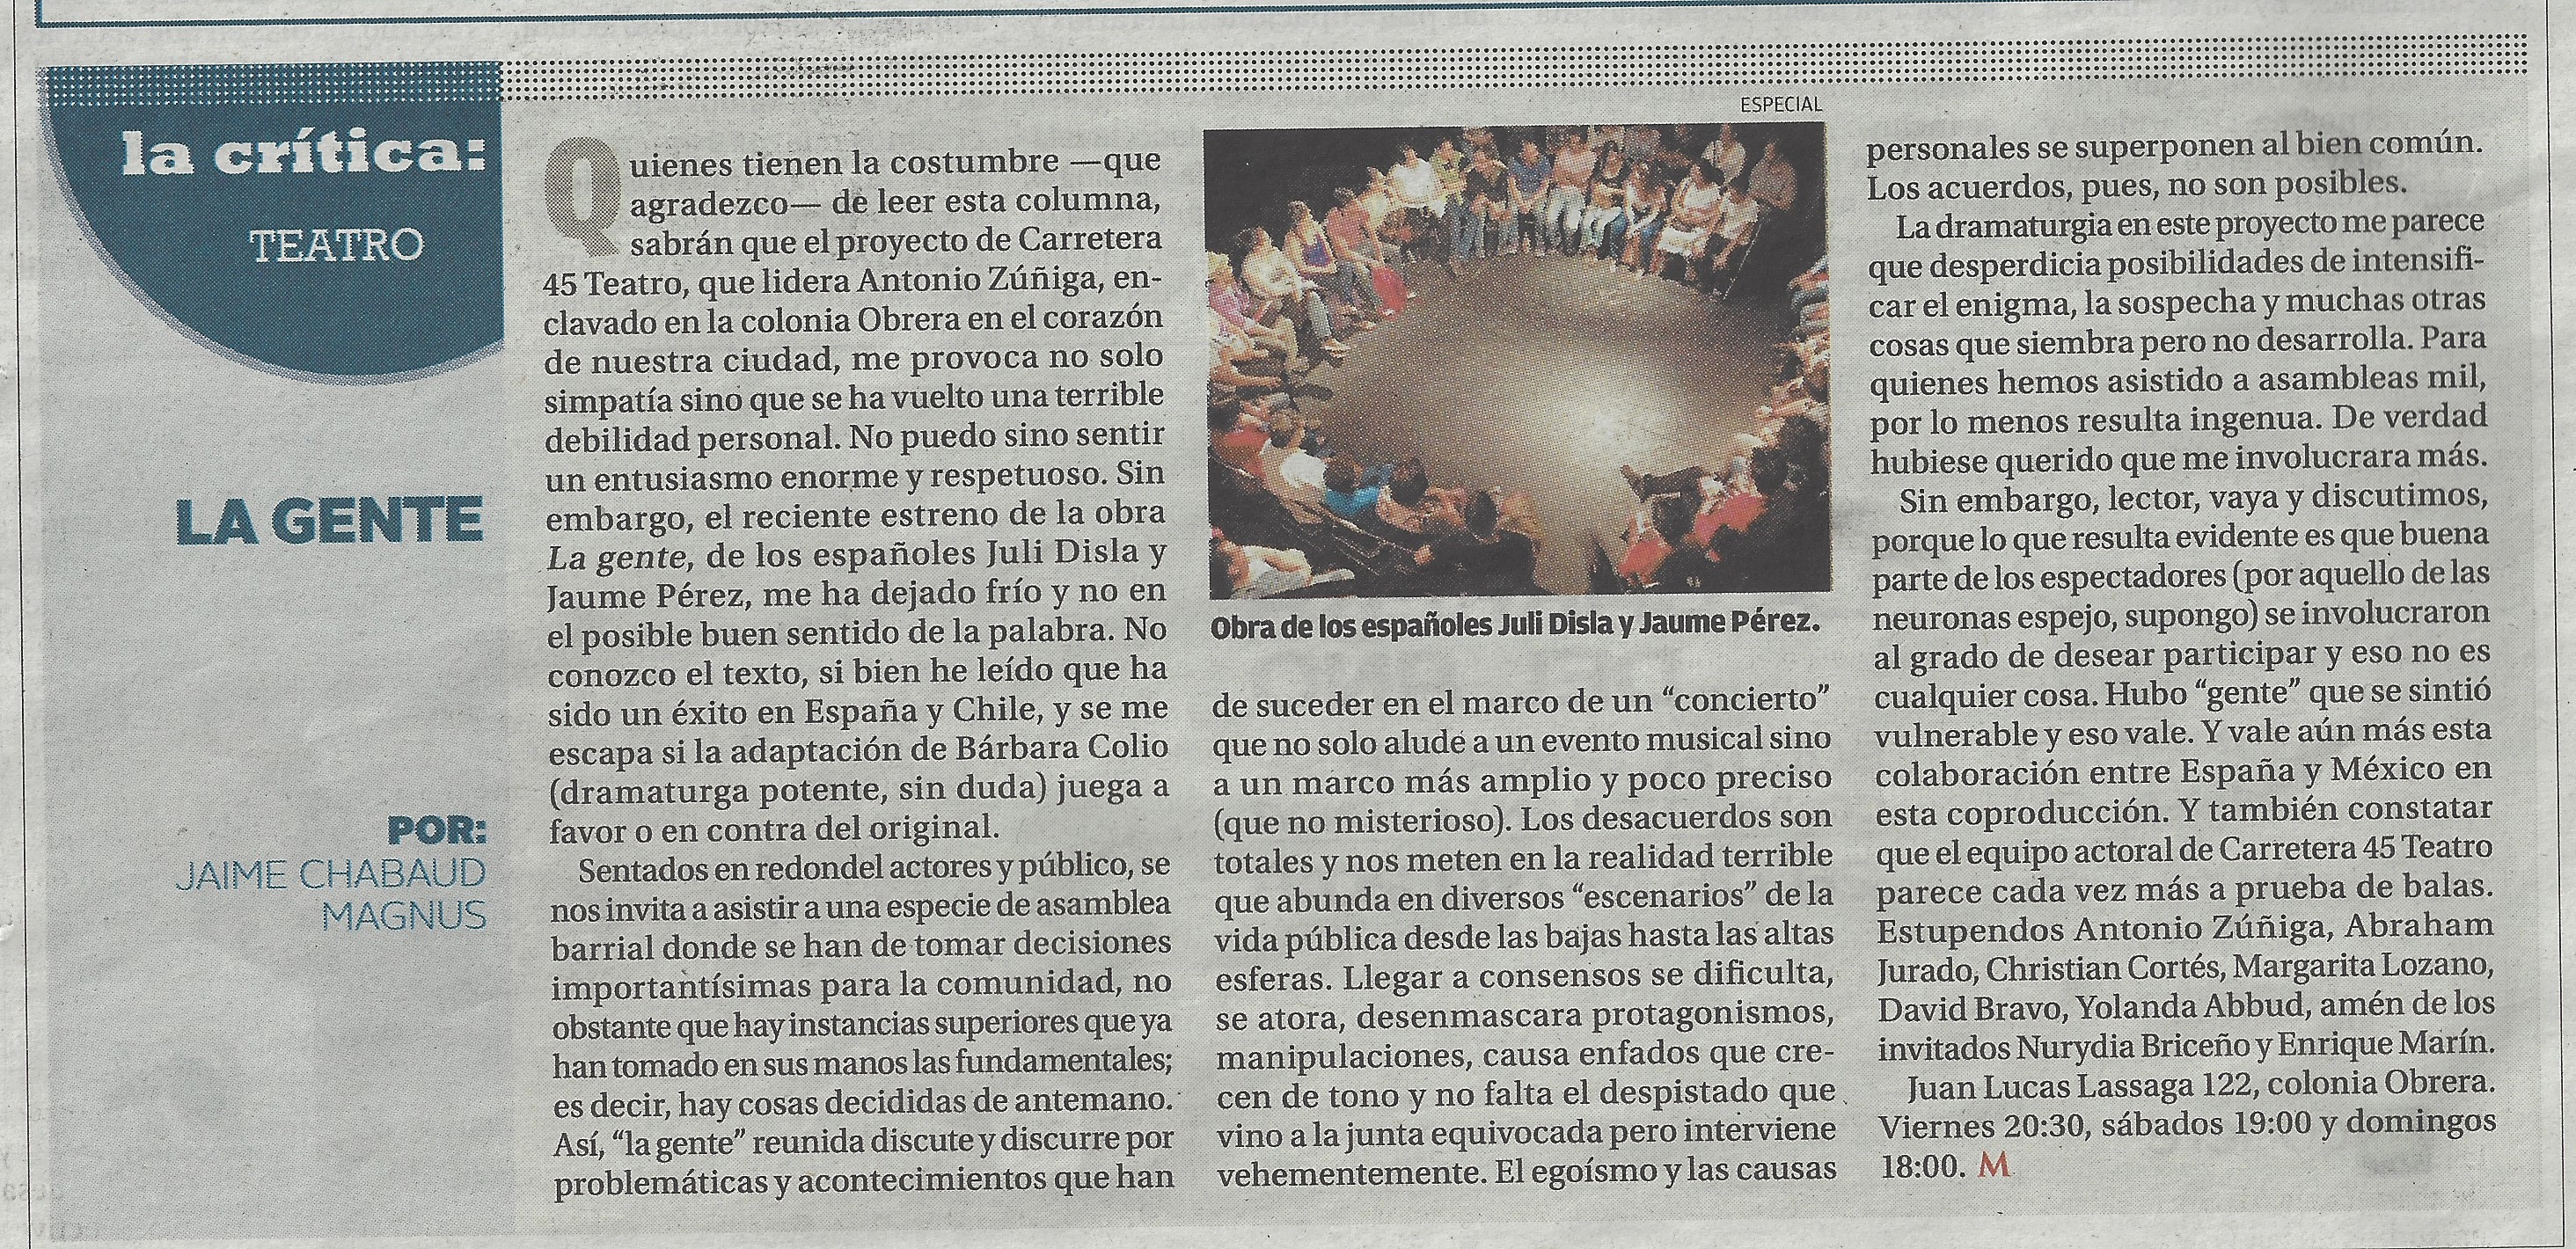 La Gente - Milenio diario impreso - 13 de mayo 2016